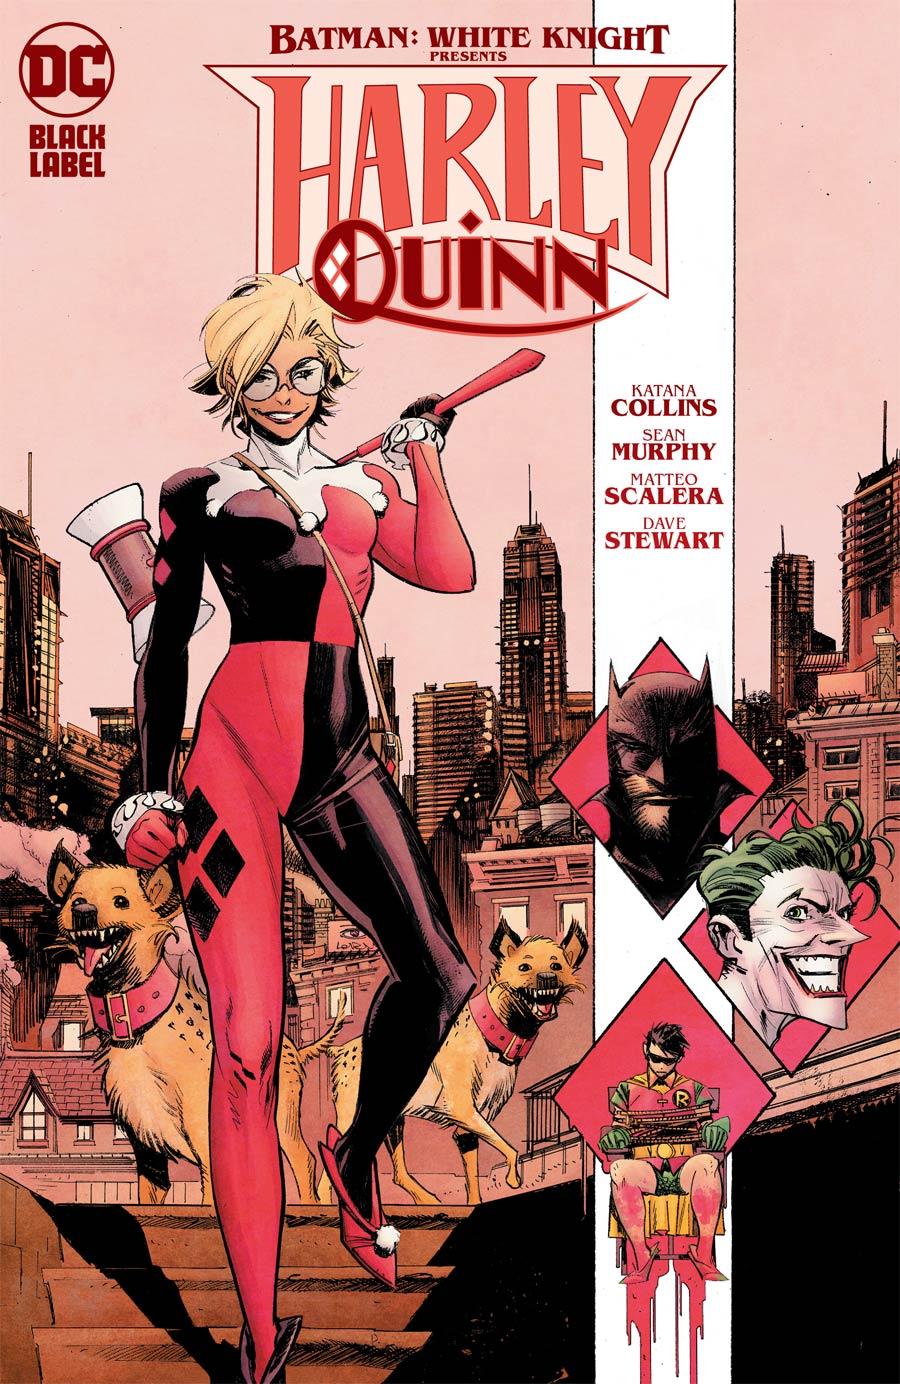 Batman White Knight Presents Harley Quinn #1 Cover A Regular Sean Murphy Cover